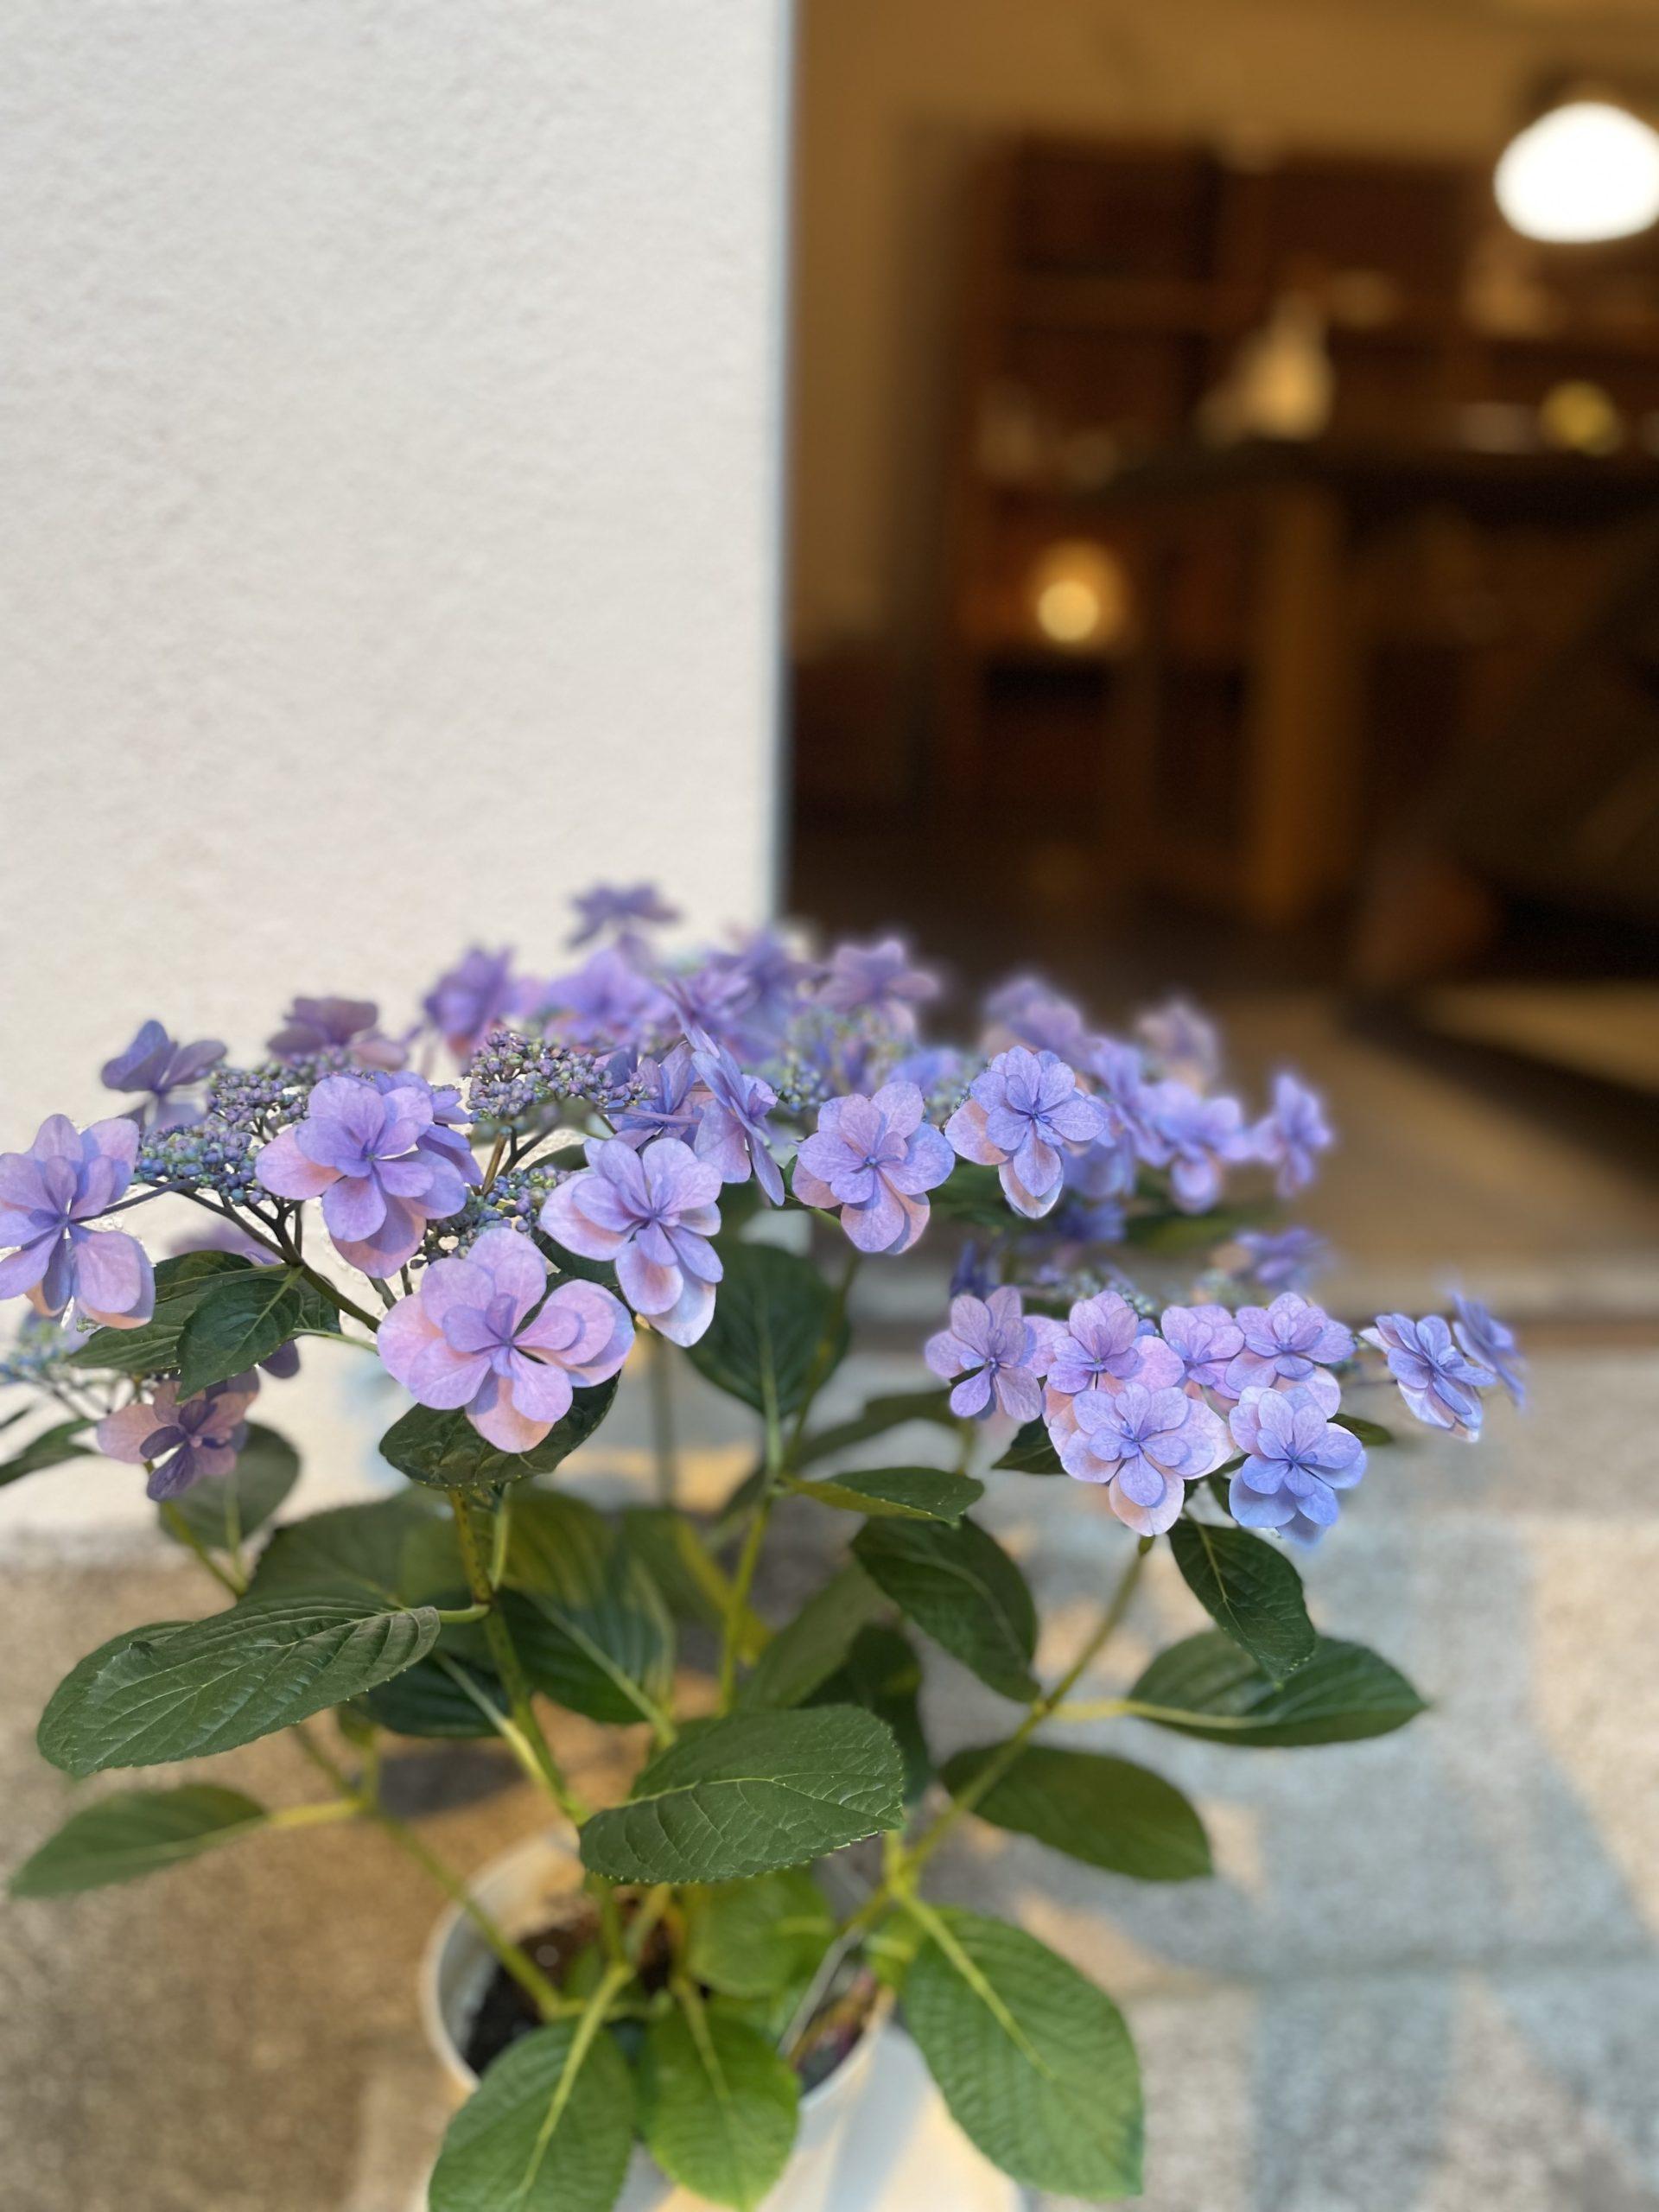 <p>梅雨の季節が近づいて来ましたね☔️ 今週、来週と雨が続きそうですね💦 kaicocafeの中庭に咲く紫陽花。 もう少しで満開になるのでしょうか☺️ 大切に育てたいです✨</p>